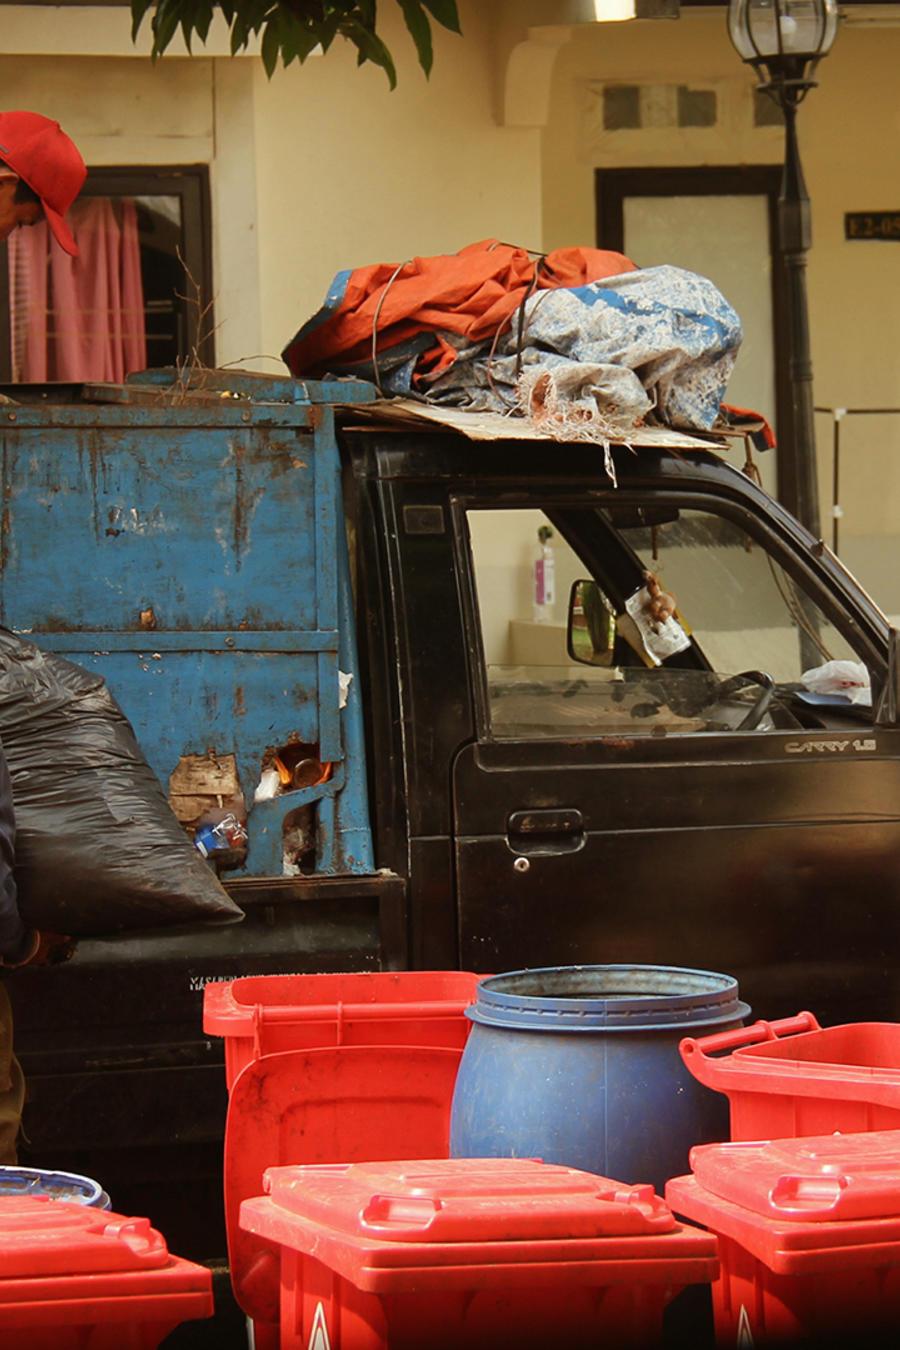 Hombres recolectando basura